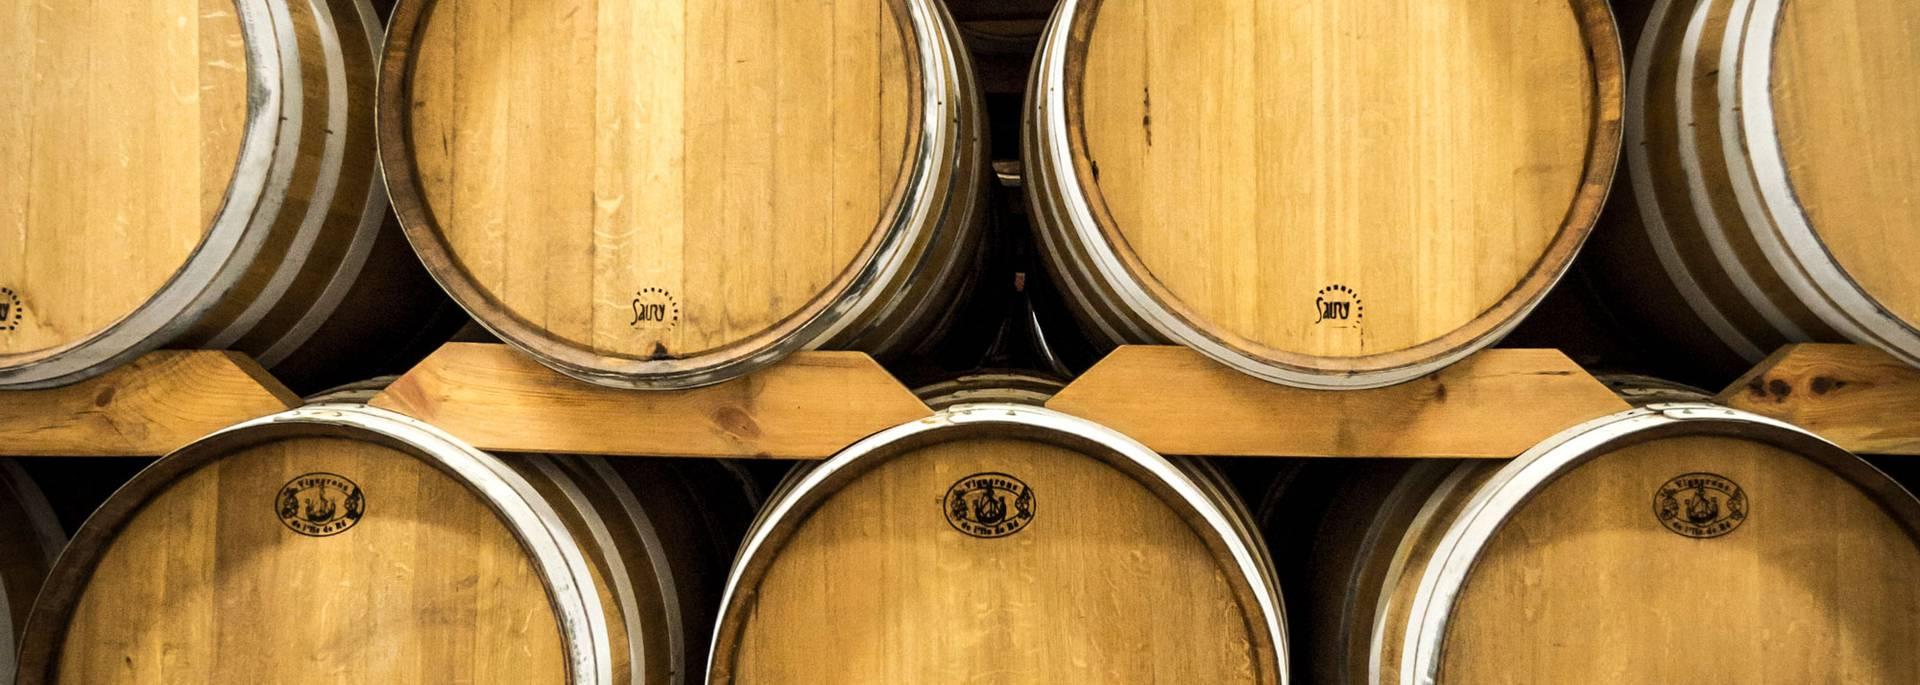 Les fûts de la coopérative des vignerons par ©Yann-Werdefroy